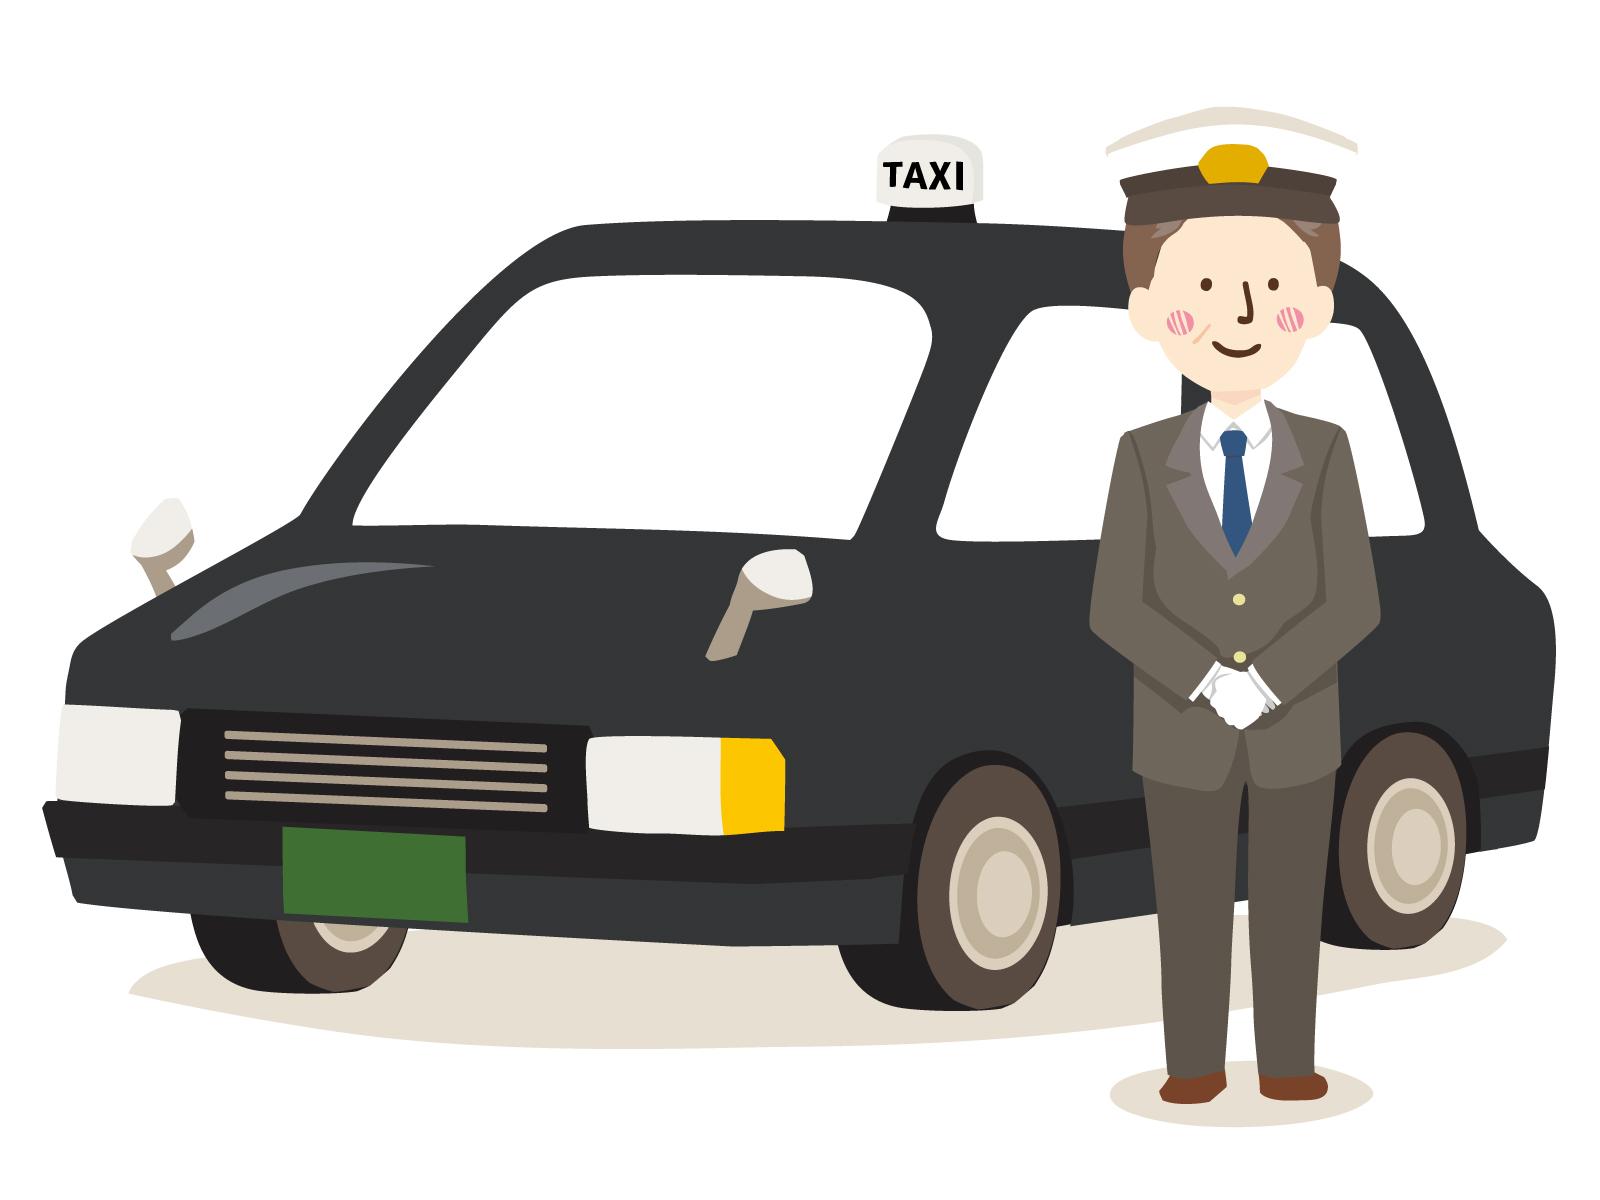 横浜のアサヒタクシーが、車内の除菌・抗菌対策に【銀イオン水(AG+)】を採用!製造元は内海商運の扱う銀イオン+と同じ環境サイエンス!